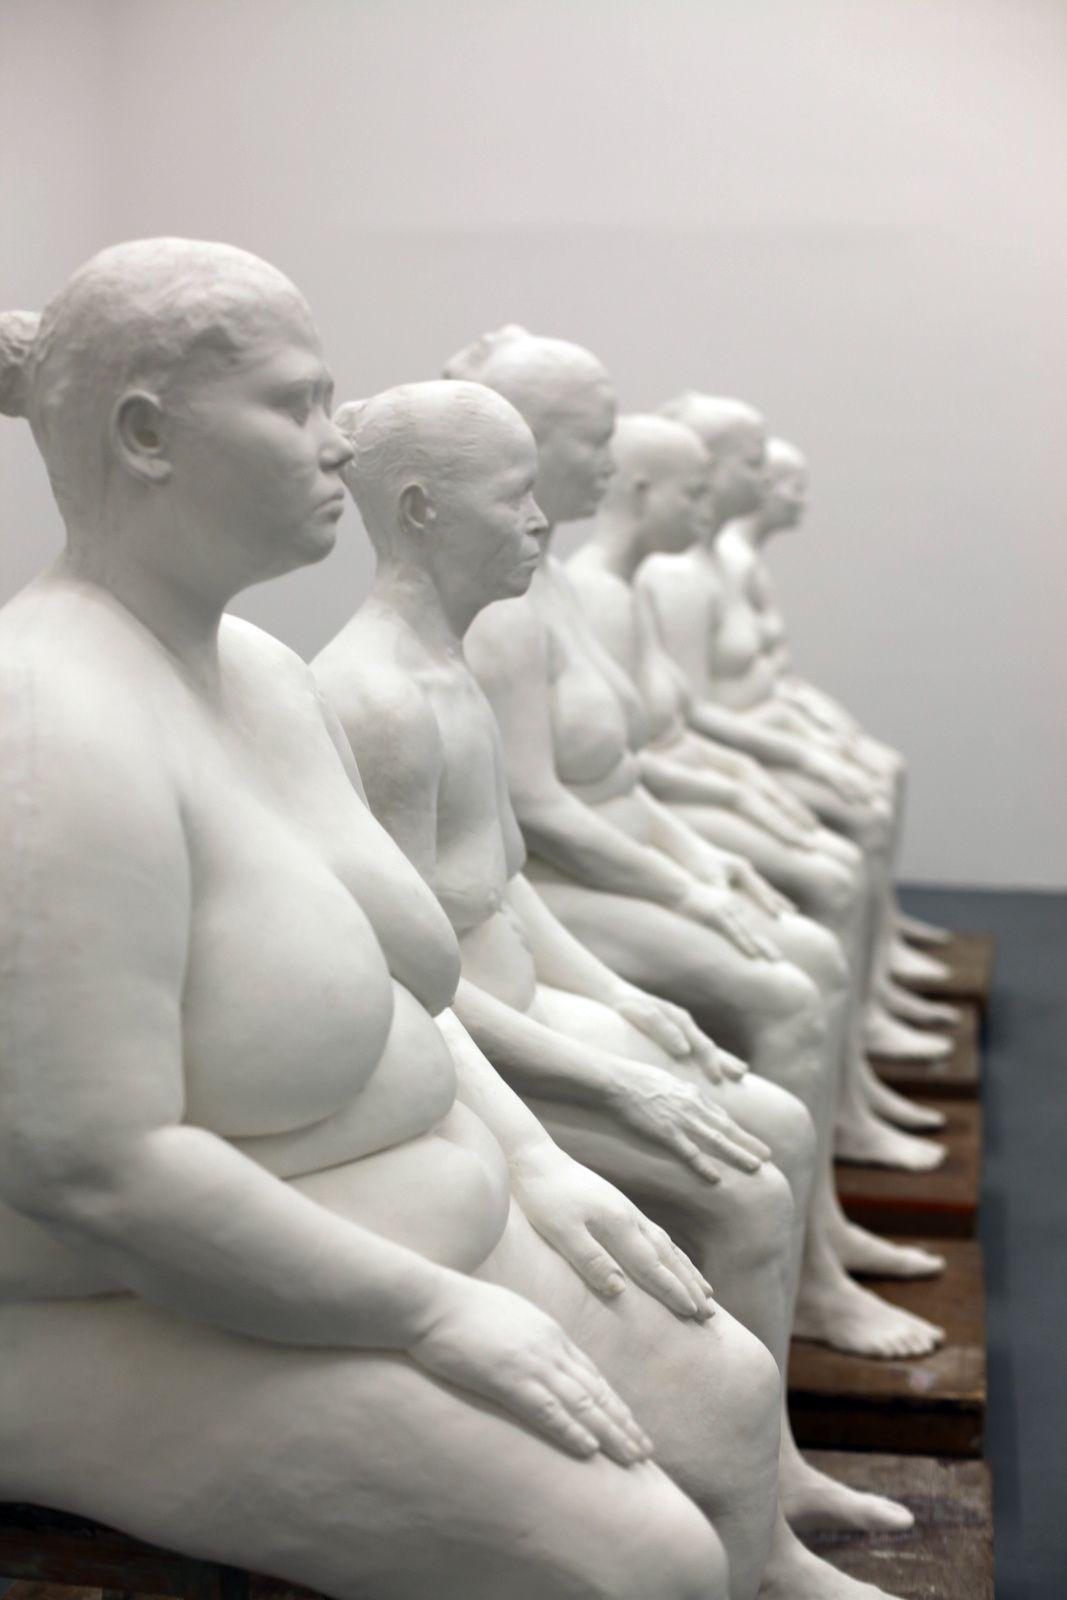 """white - sculpture -  """"Six Women"""", 2013-2015 de Bharti KHER - Détail - Courtesy Galerie PERROTIN © Photo Éric SIMON"""